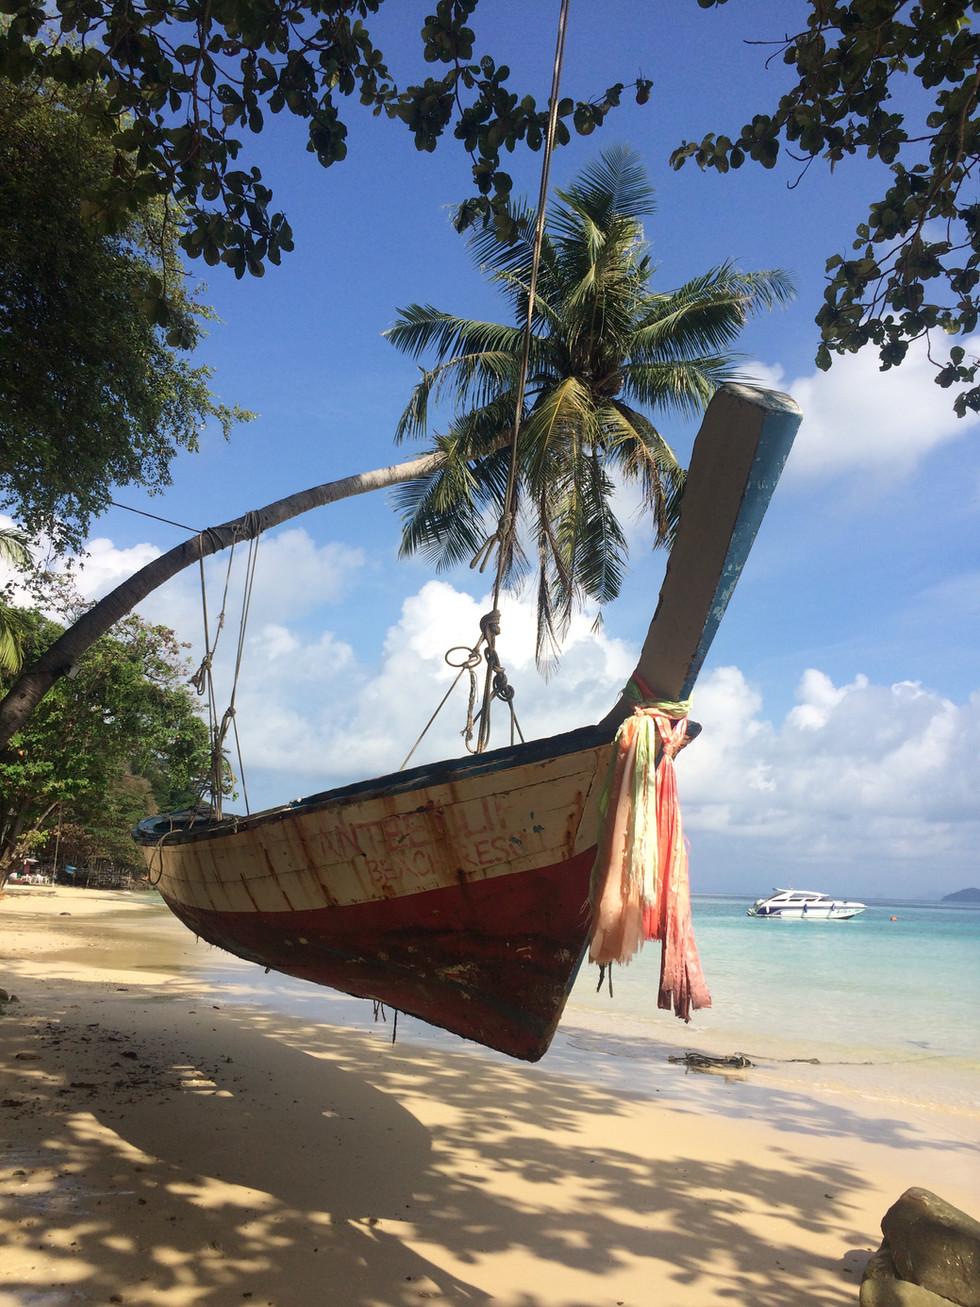 THAILANDIA. Da Bangkok al Mare delle Andamane, 10 giorni tra le meraviglie dell'Asia